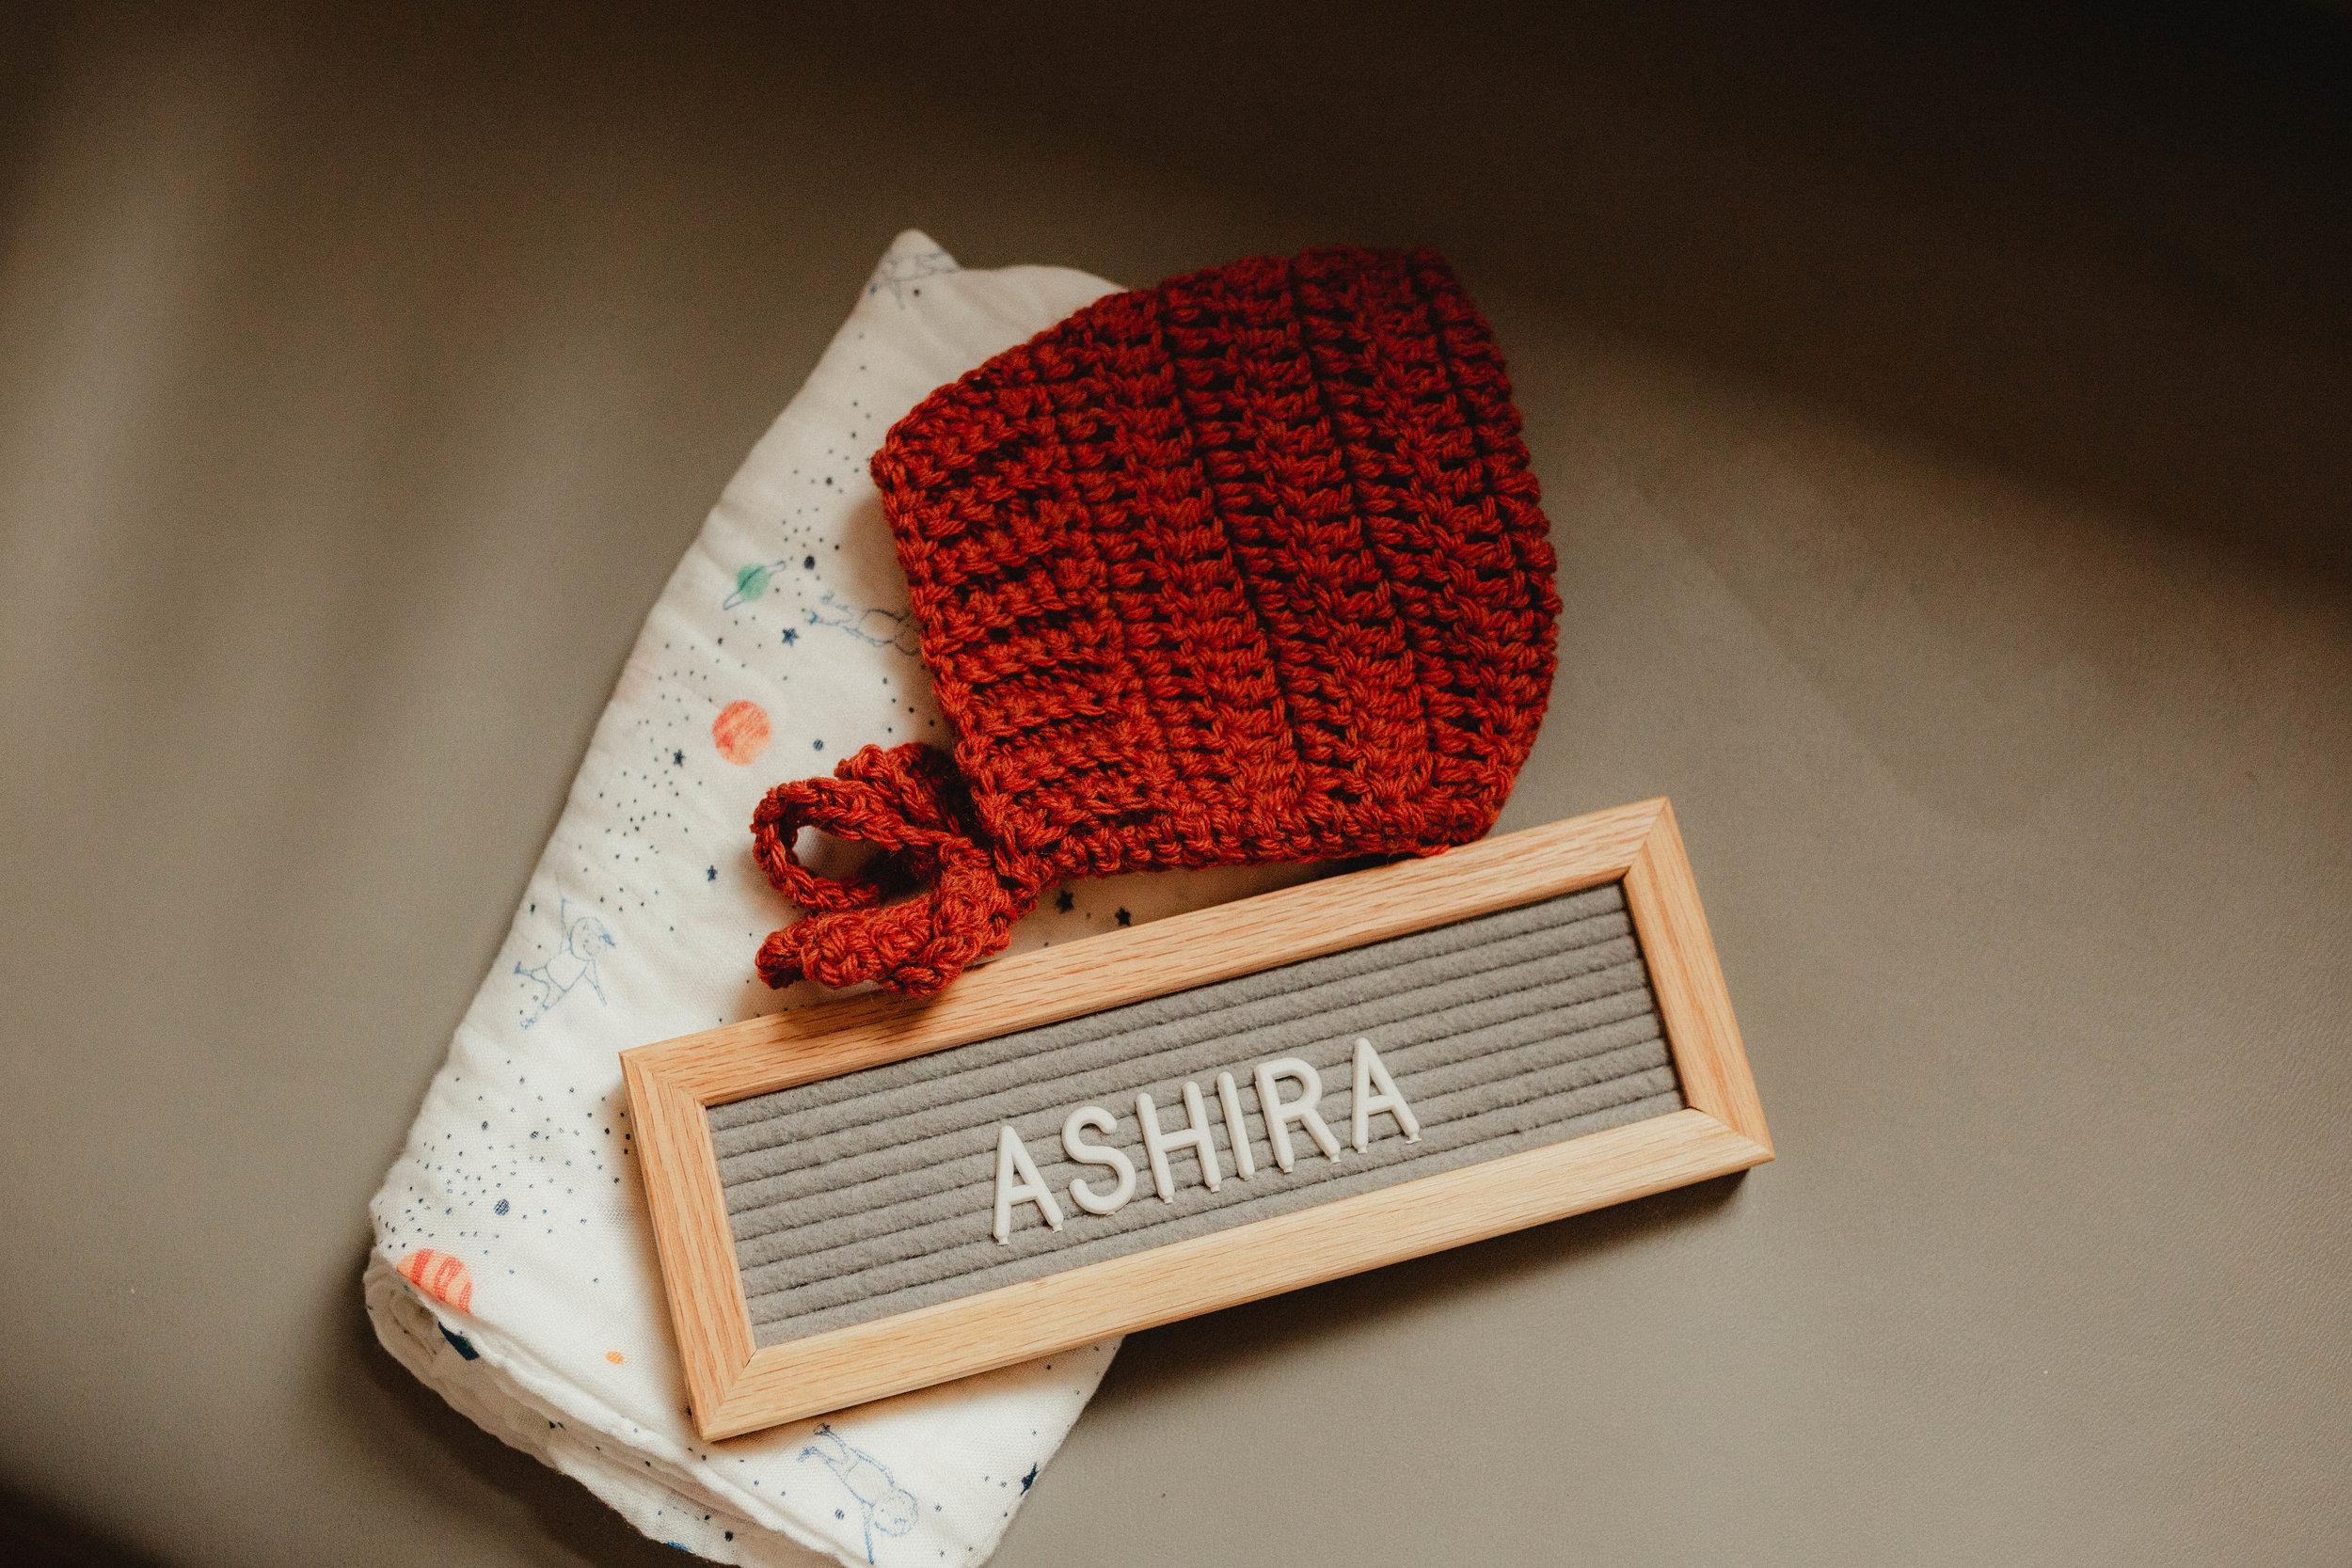 Ashira-176.jpg